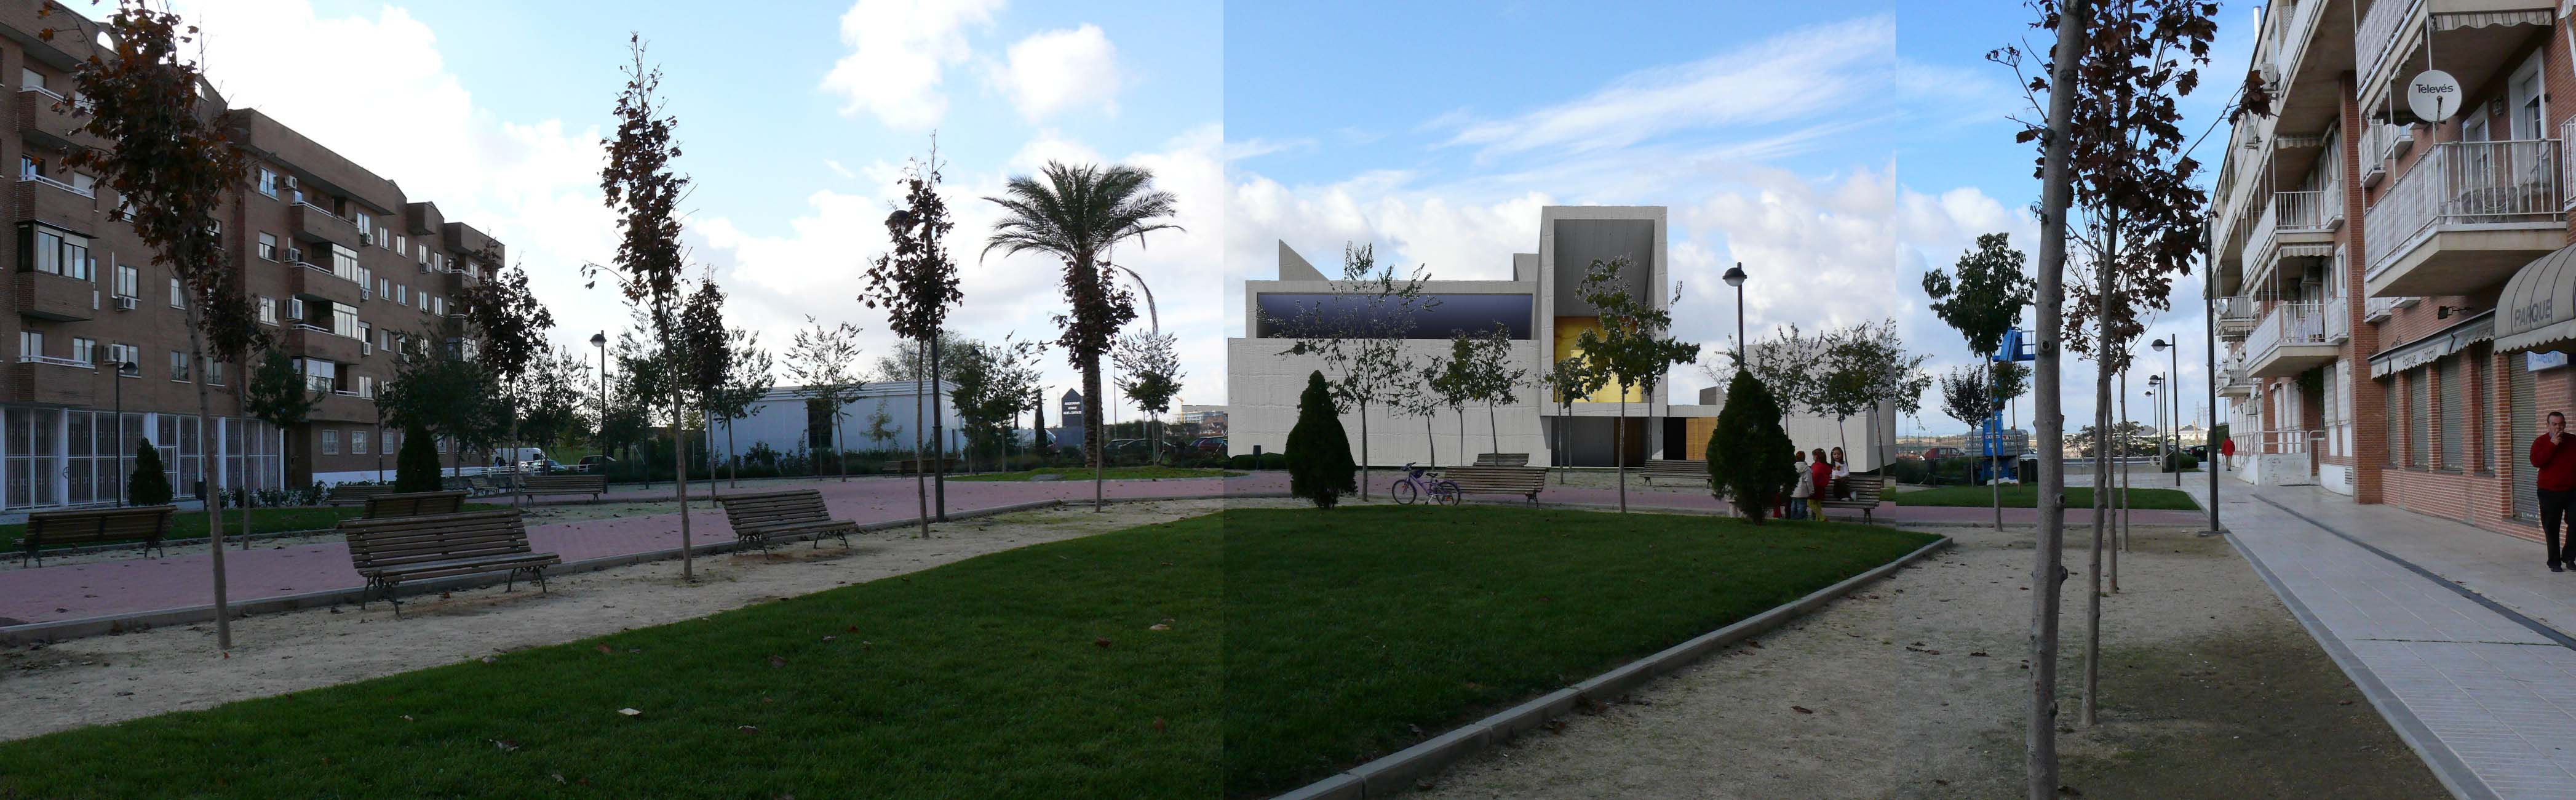 Vista desde la plaza